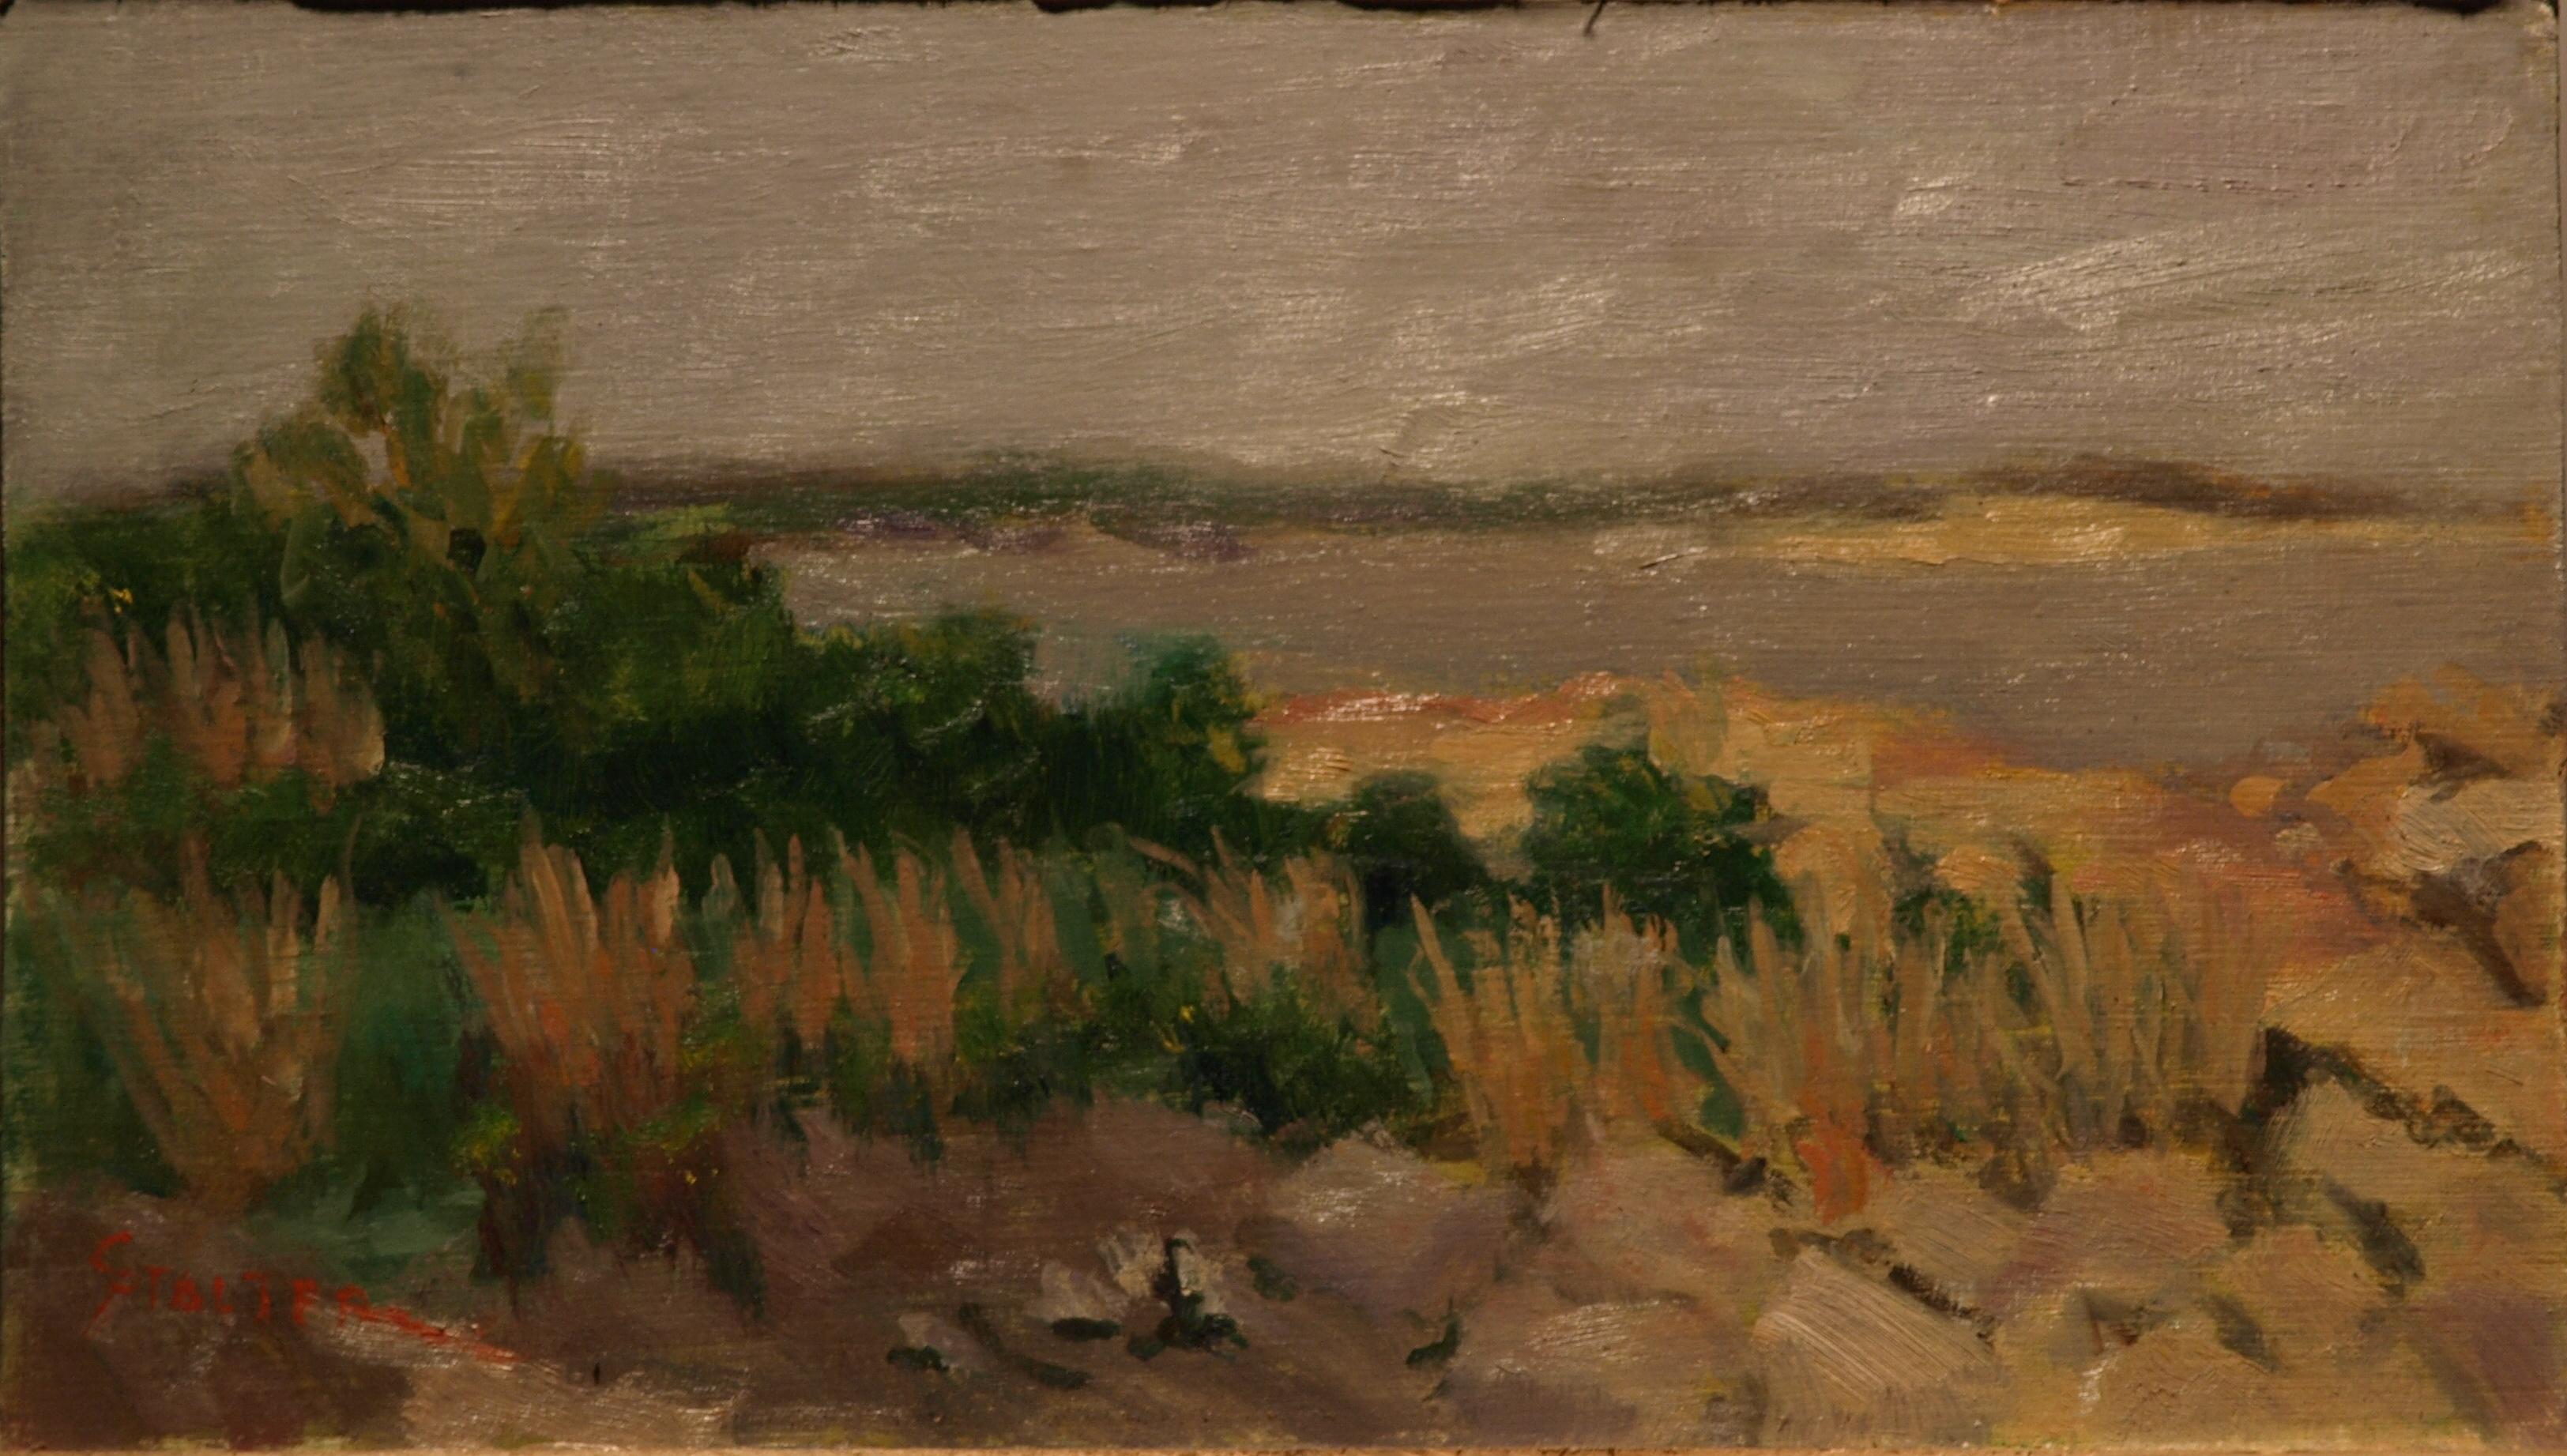 Stonington Marsh # 3, Oil on Linen on Panel, 8 x 14 Inches, by Richard Stalter, $225